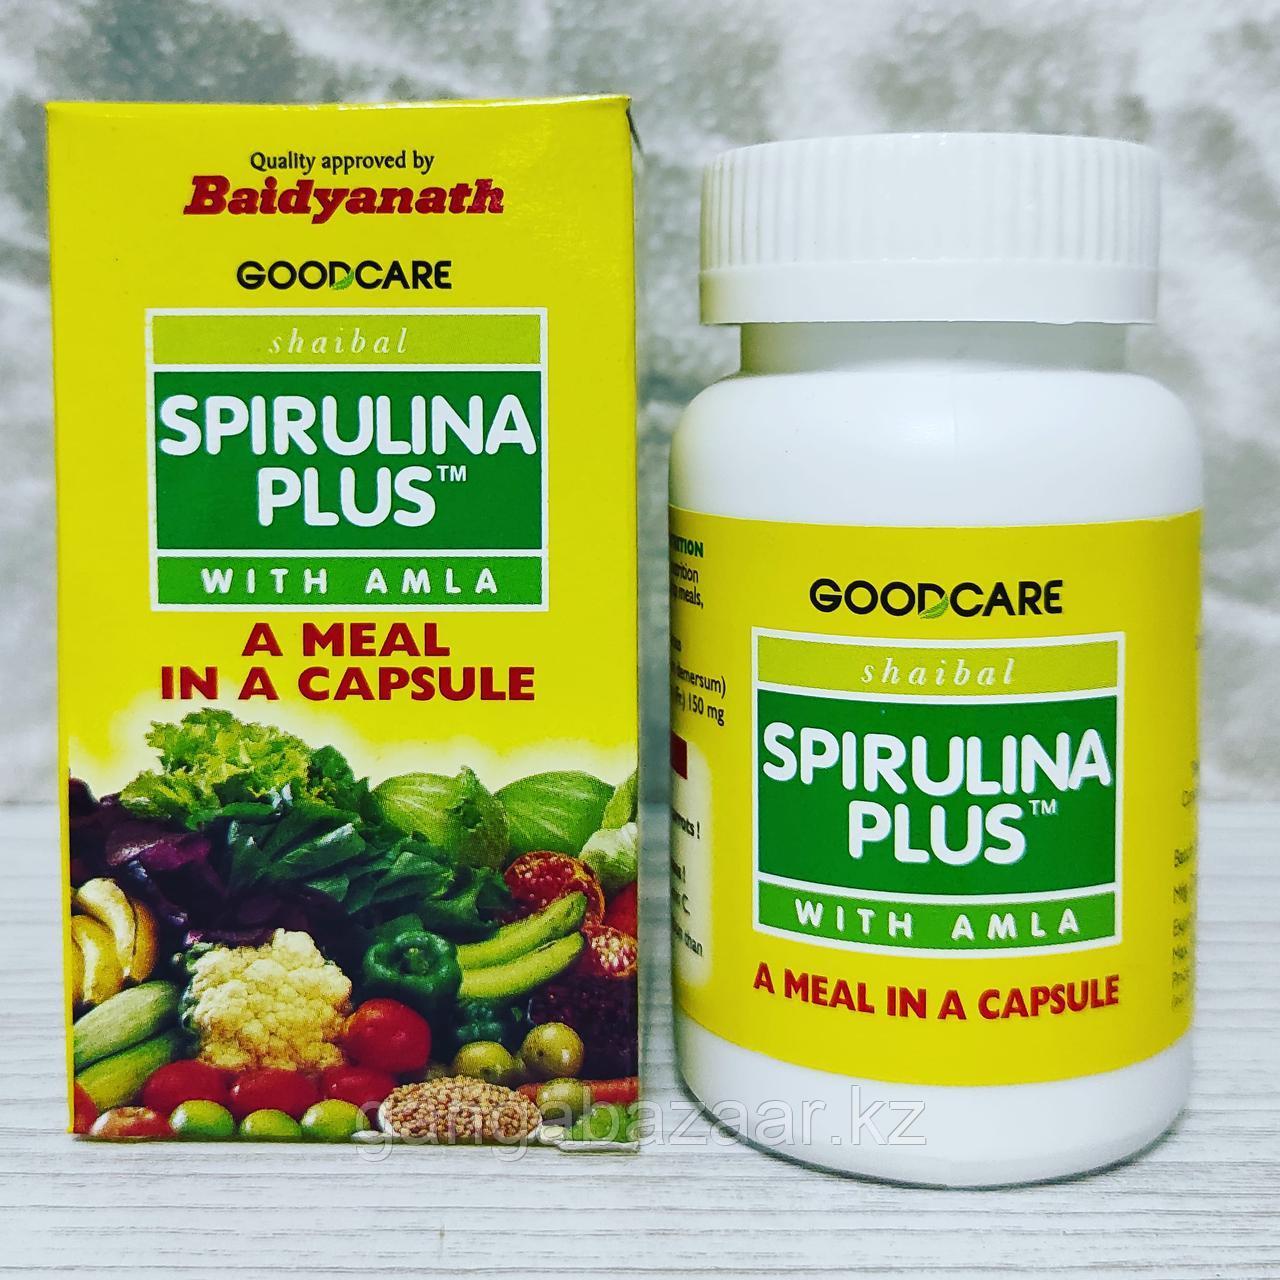 Спирулина + Амла (Spirulina Plus + Amla) - заряд энергии, замедление процессов старения, укрепление иммунитета